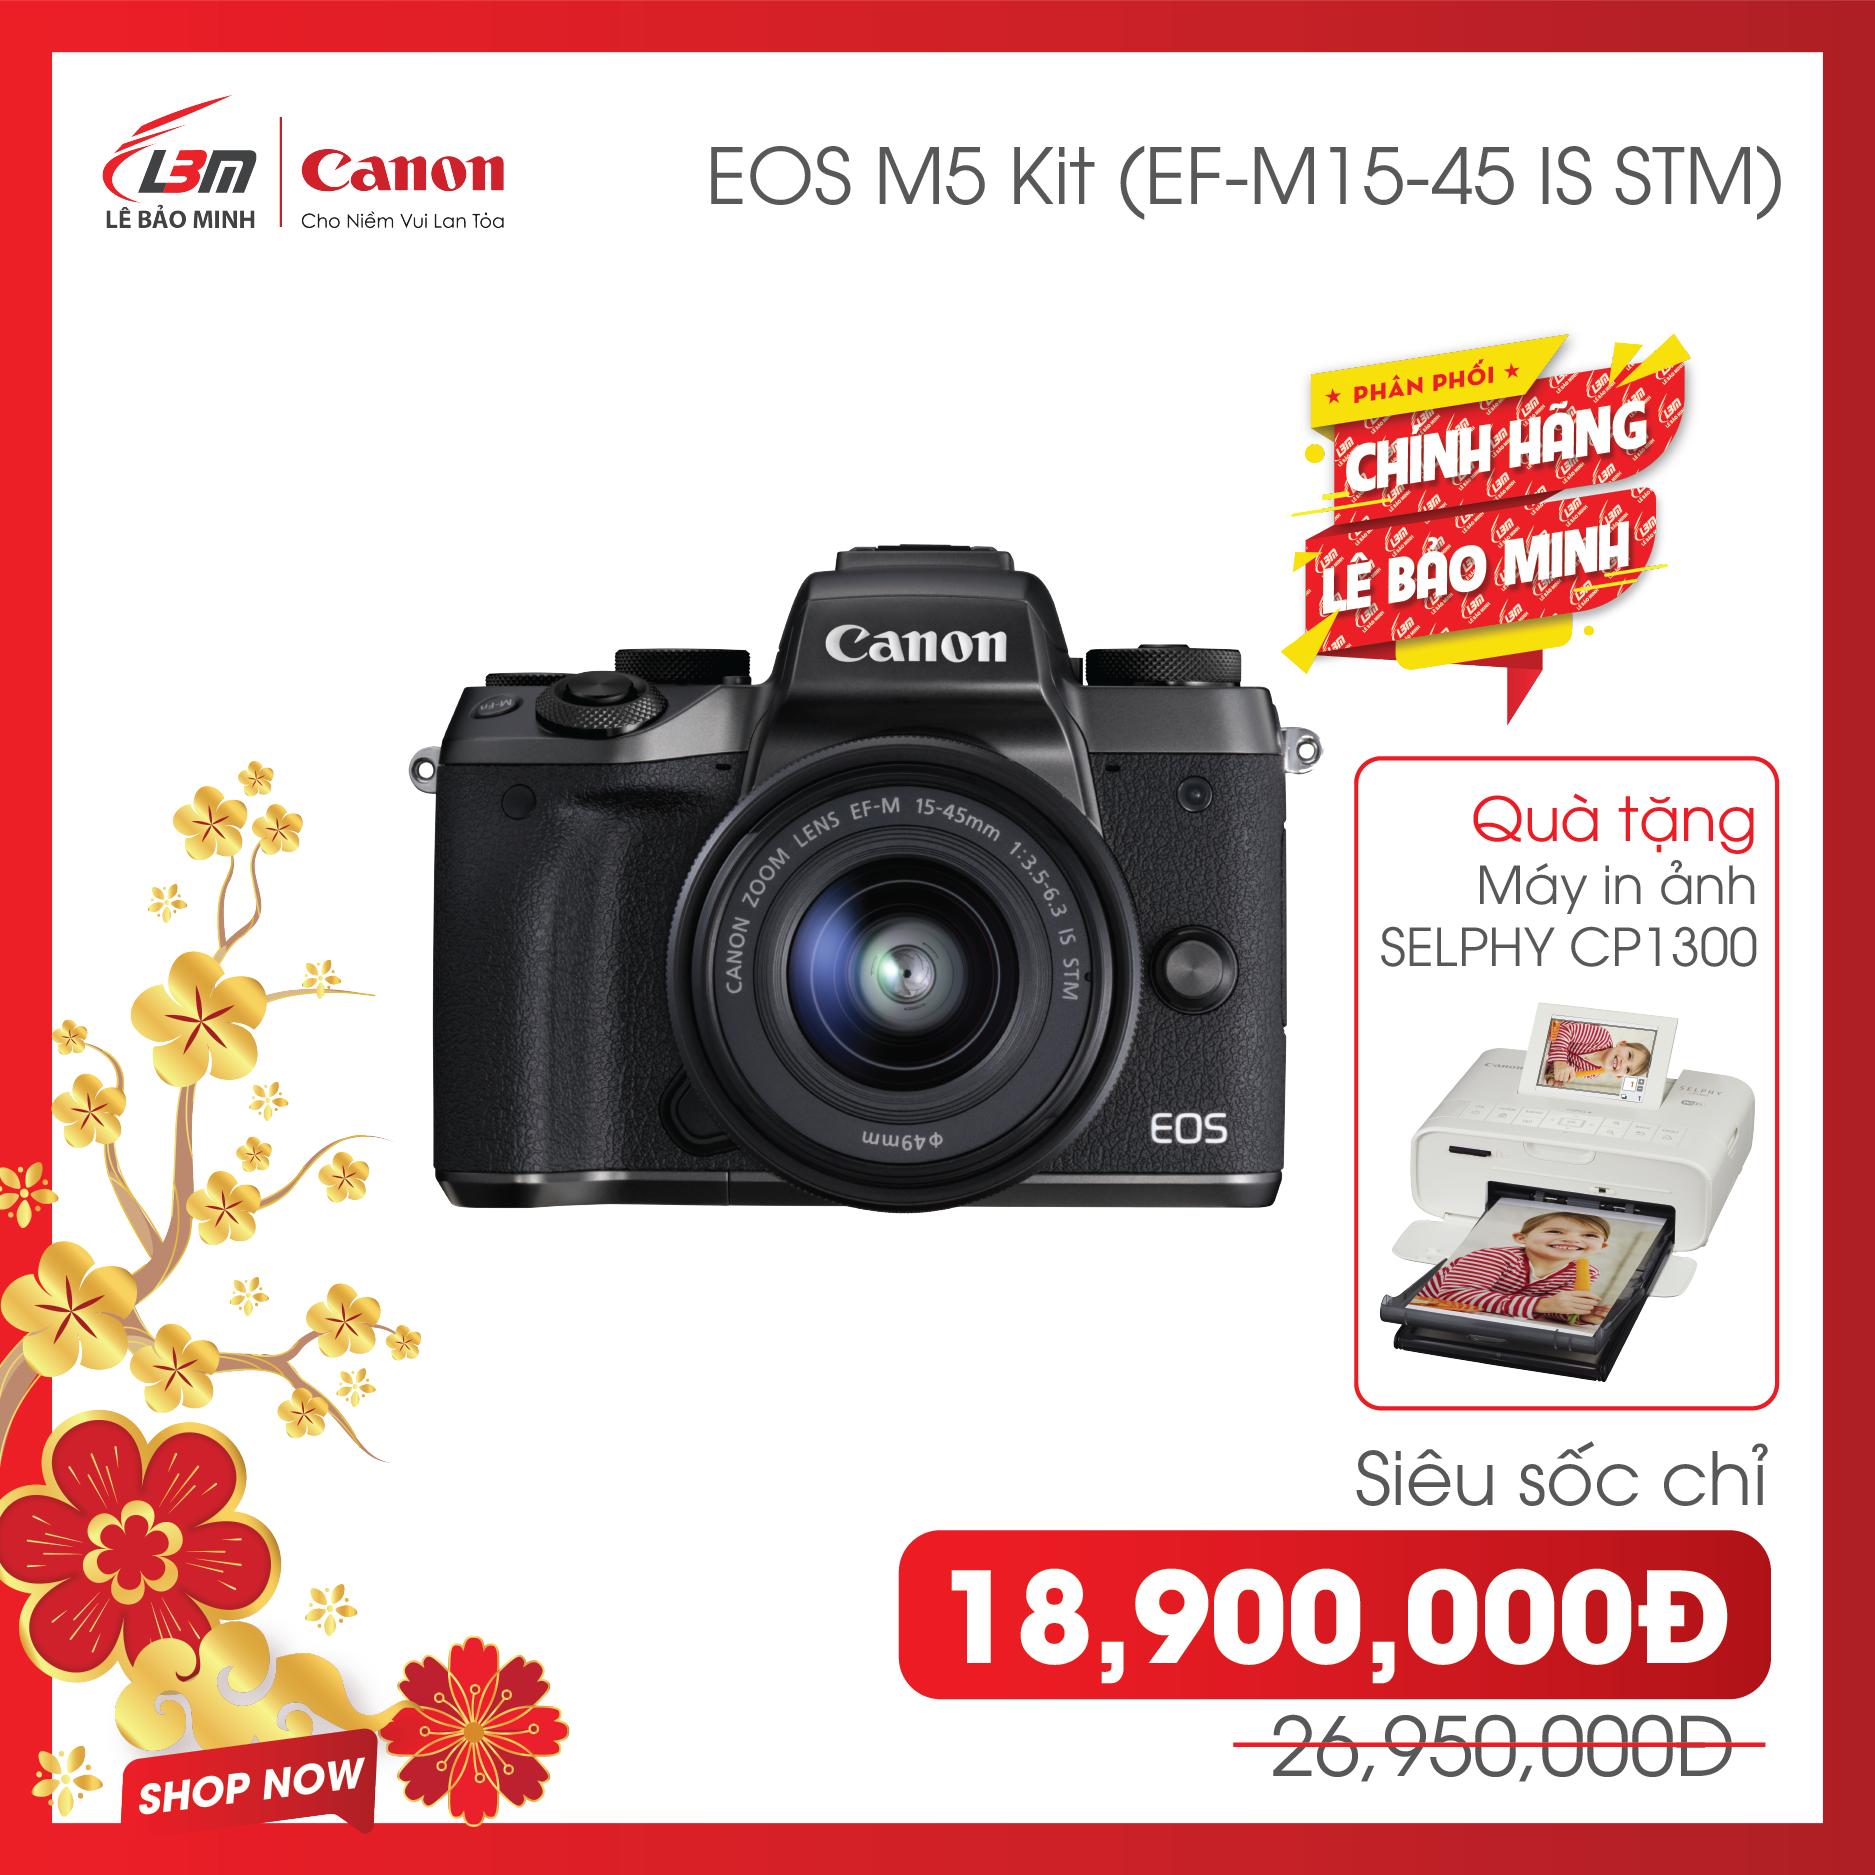 [Trả góp 0%] [giảm ngay 8,050k] Máy ảnh Canon EOS M5 Kit EF-M15-45mm – Hàng Chính Hãng Lê Bảo Minh